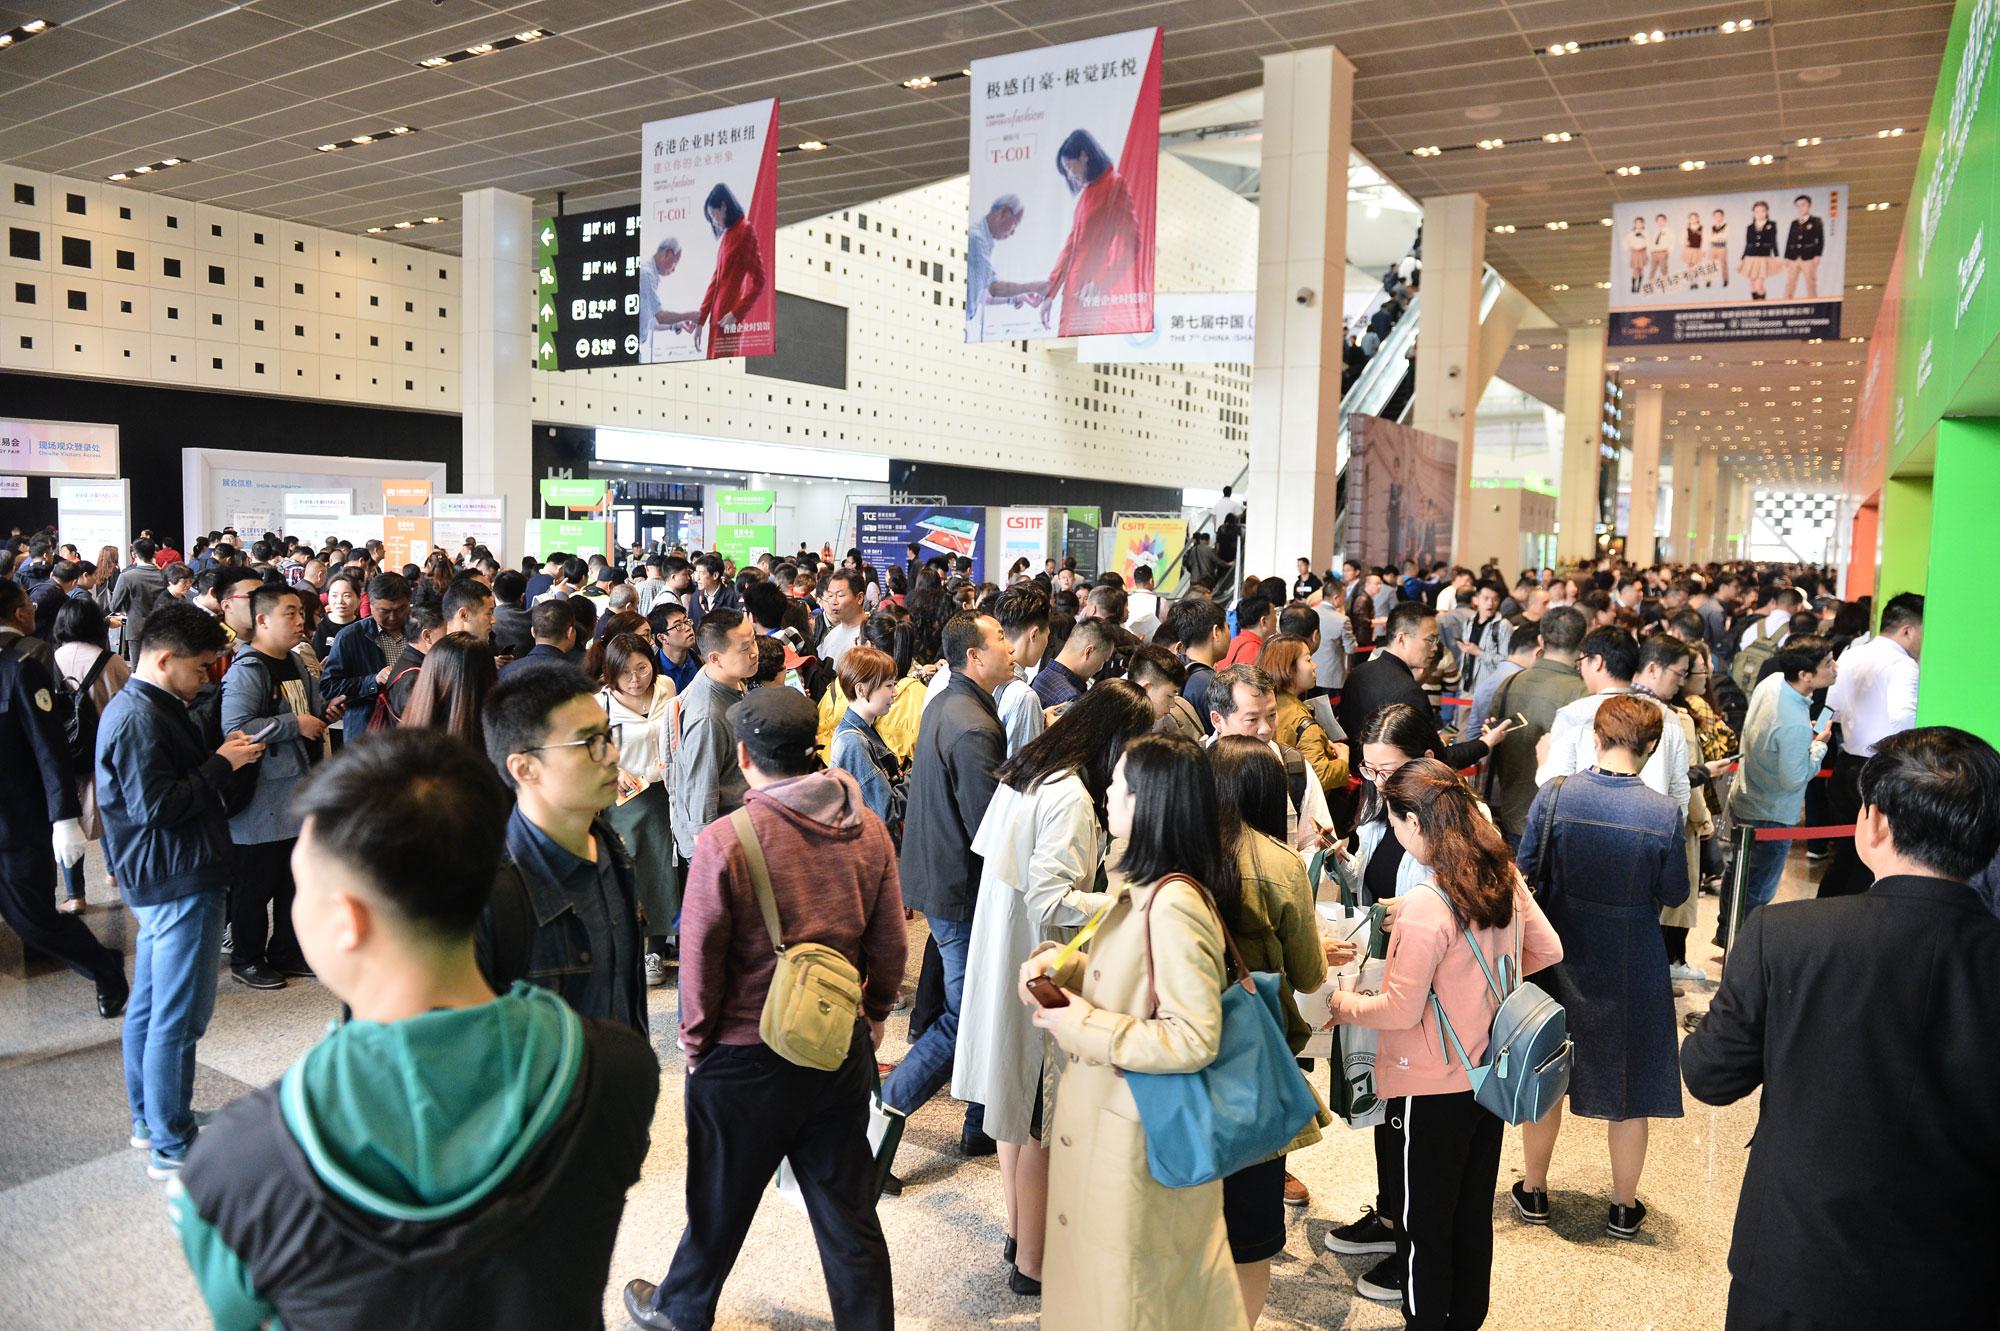 【展会动态】重燃2020   和 20,000+观众共赴上海